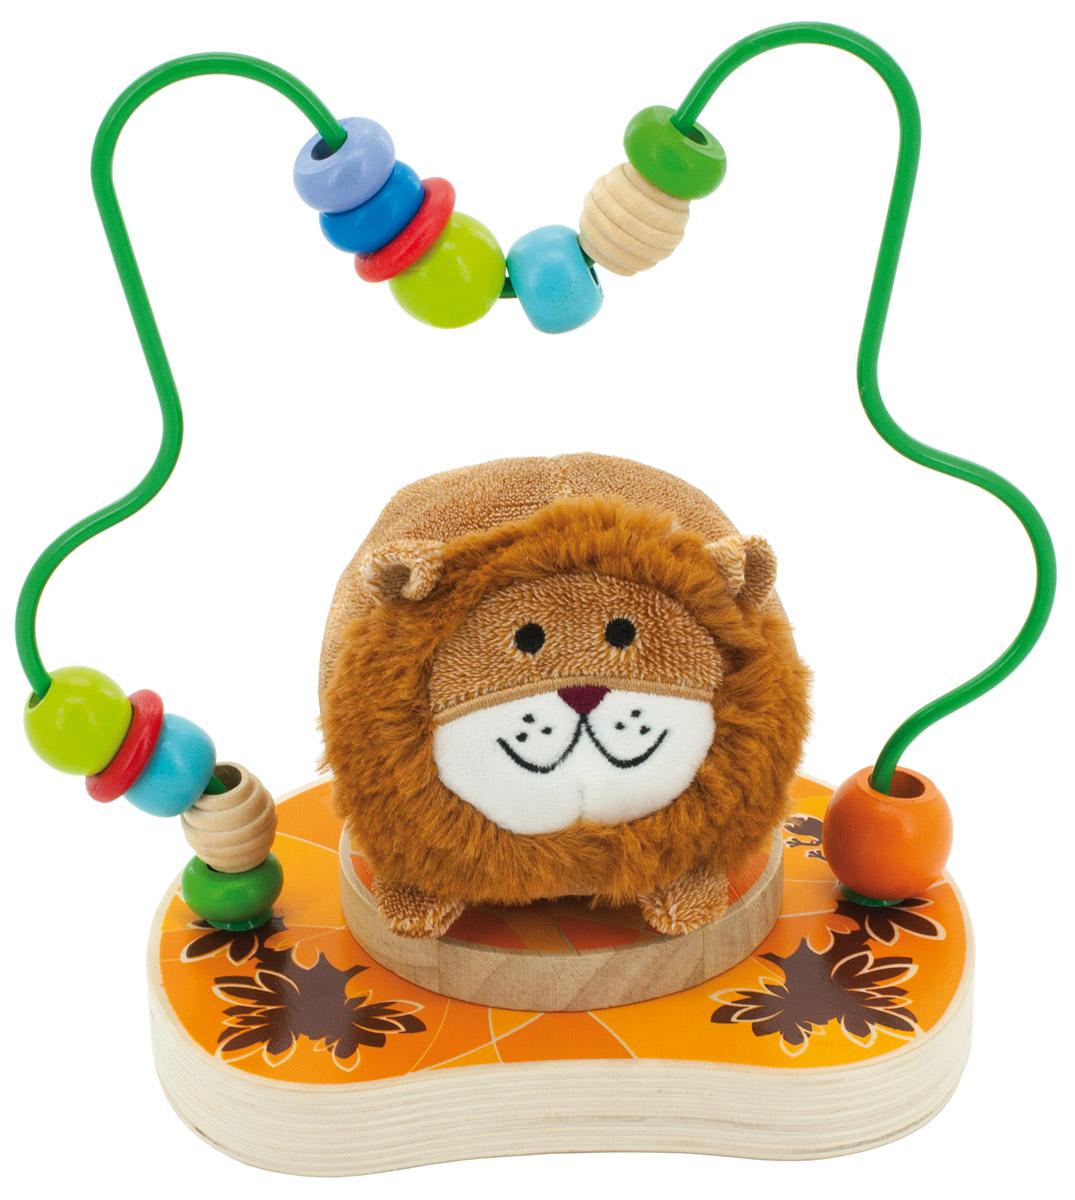 Мир деревянных игрушек Лабиринт Лева игрушка мир деревянных игрушек лабиринт буренка д384